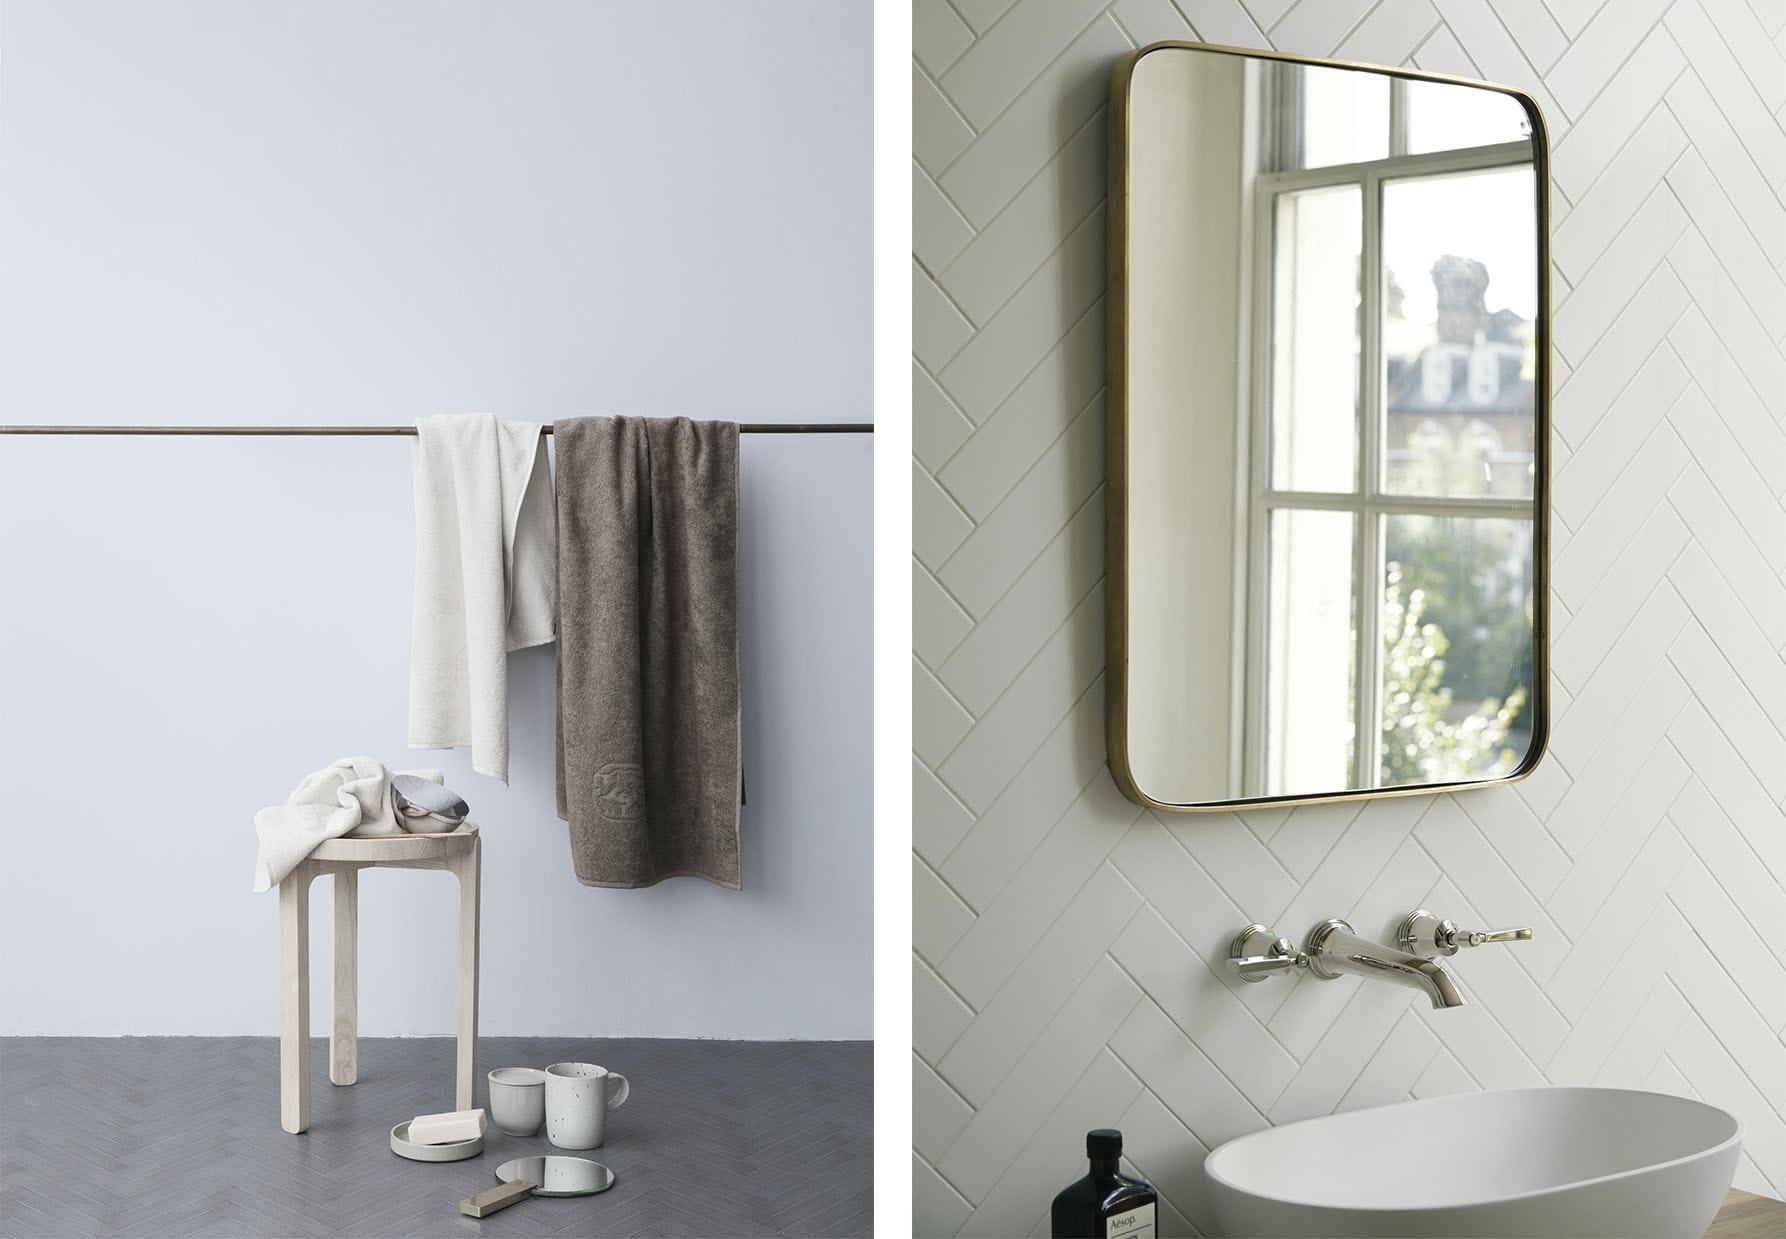 badeværelse håndklæde messingspejl håndvask